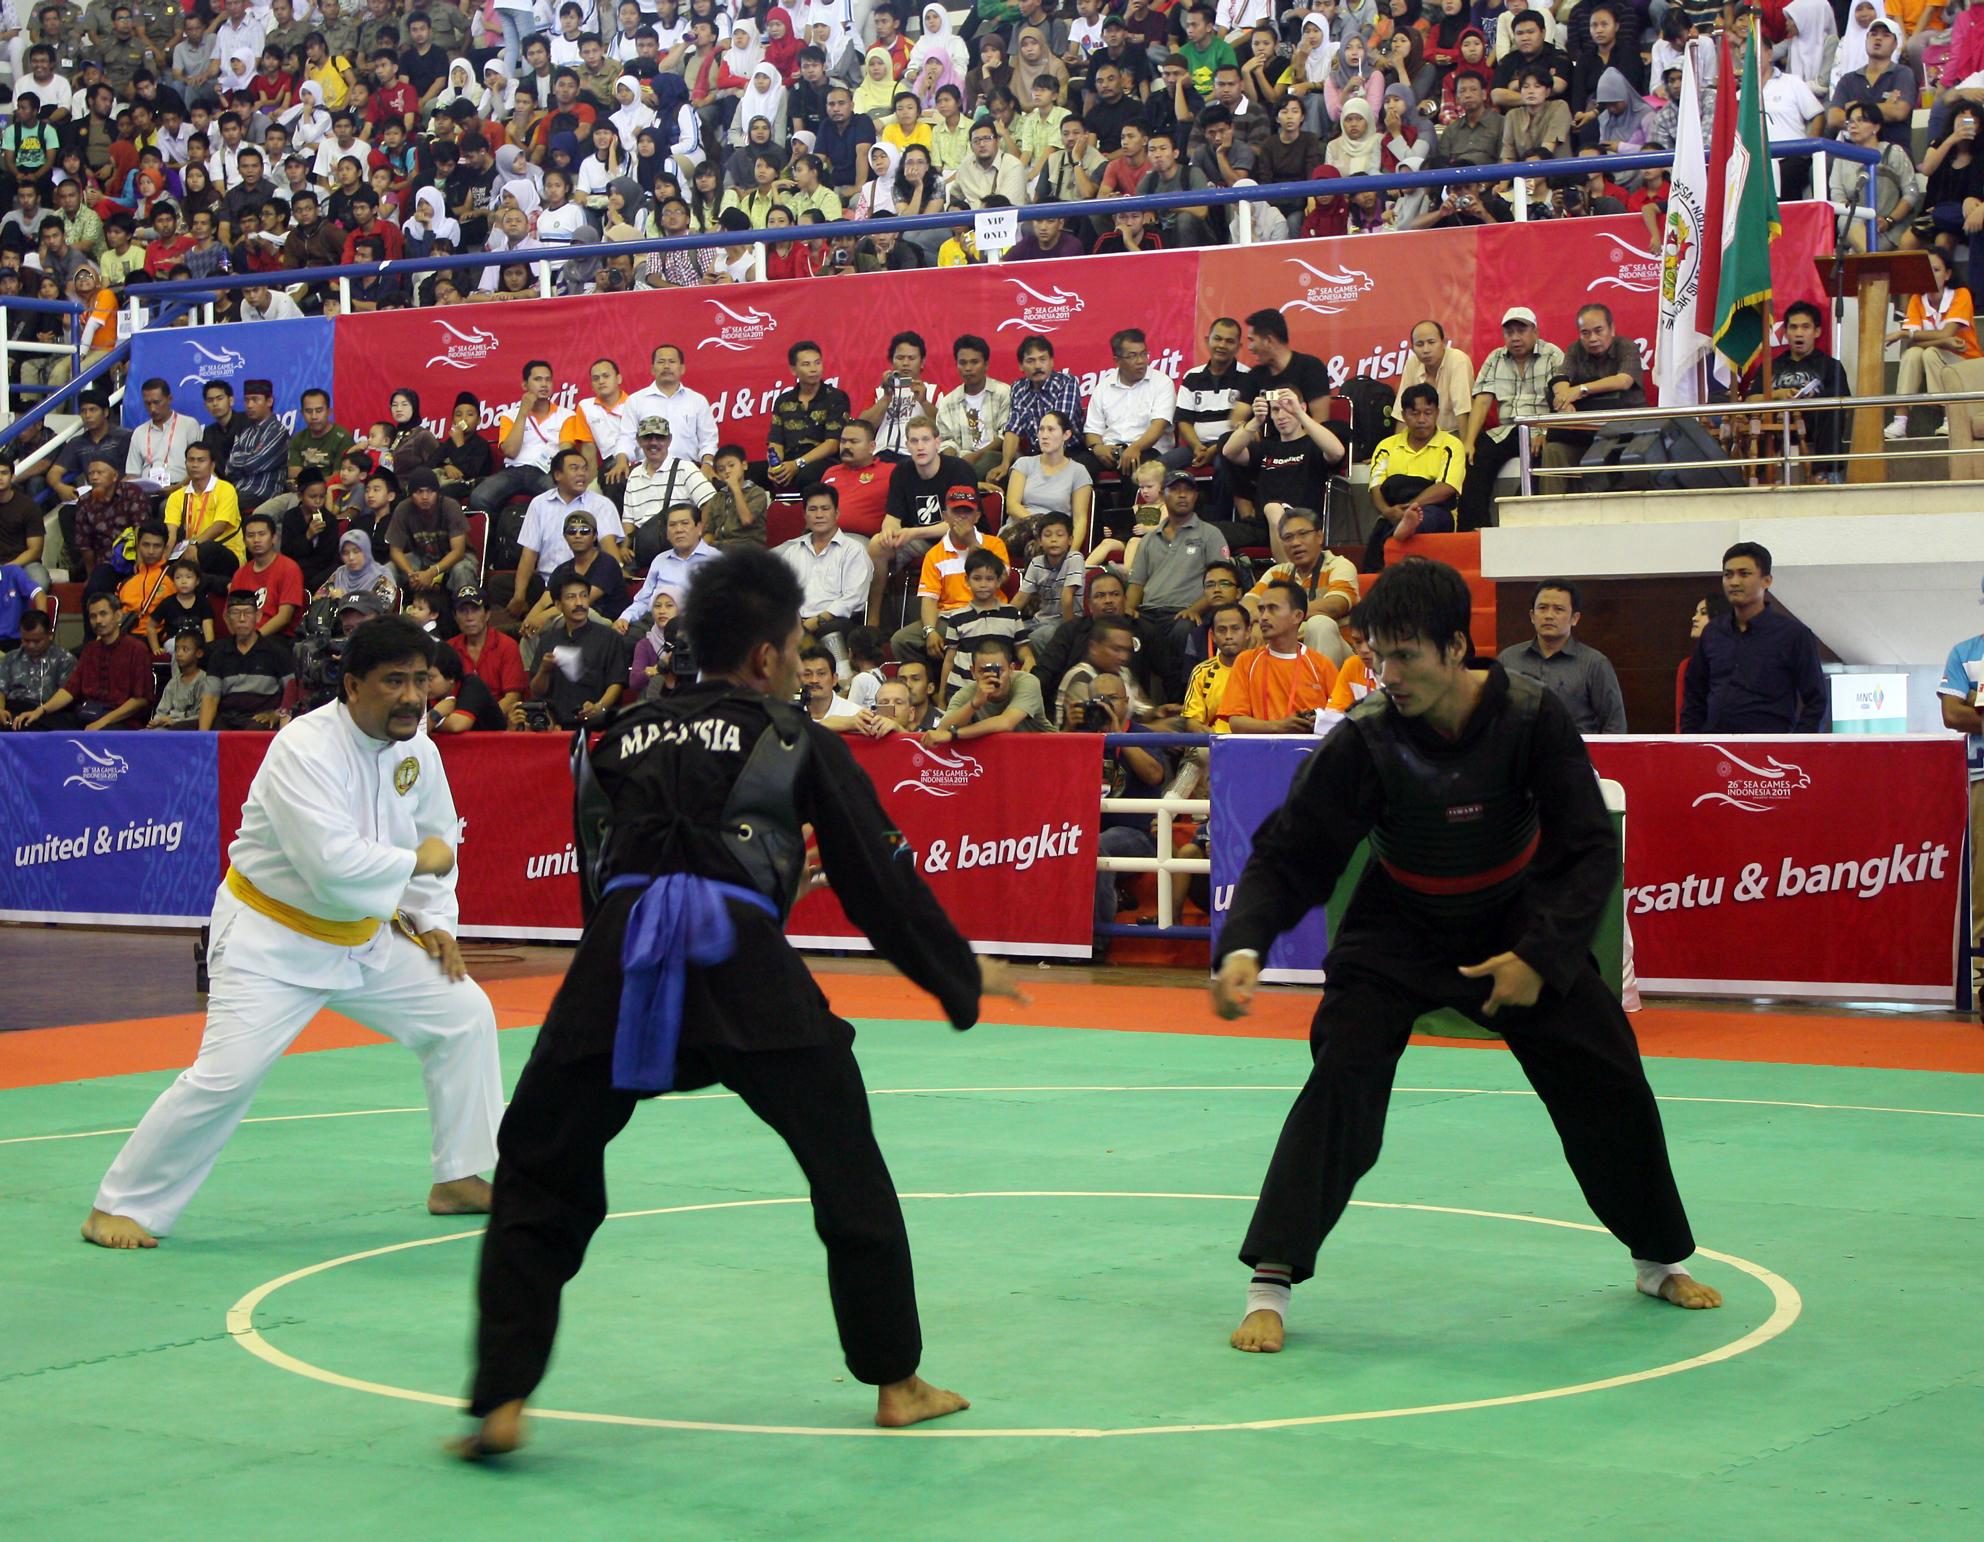 Berjaya di Asian Games, Berikut Manfaat Pencak Silat Bagi Kesehatan